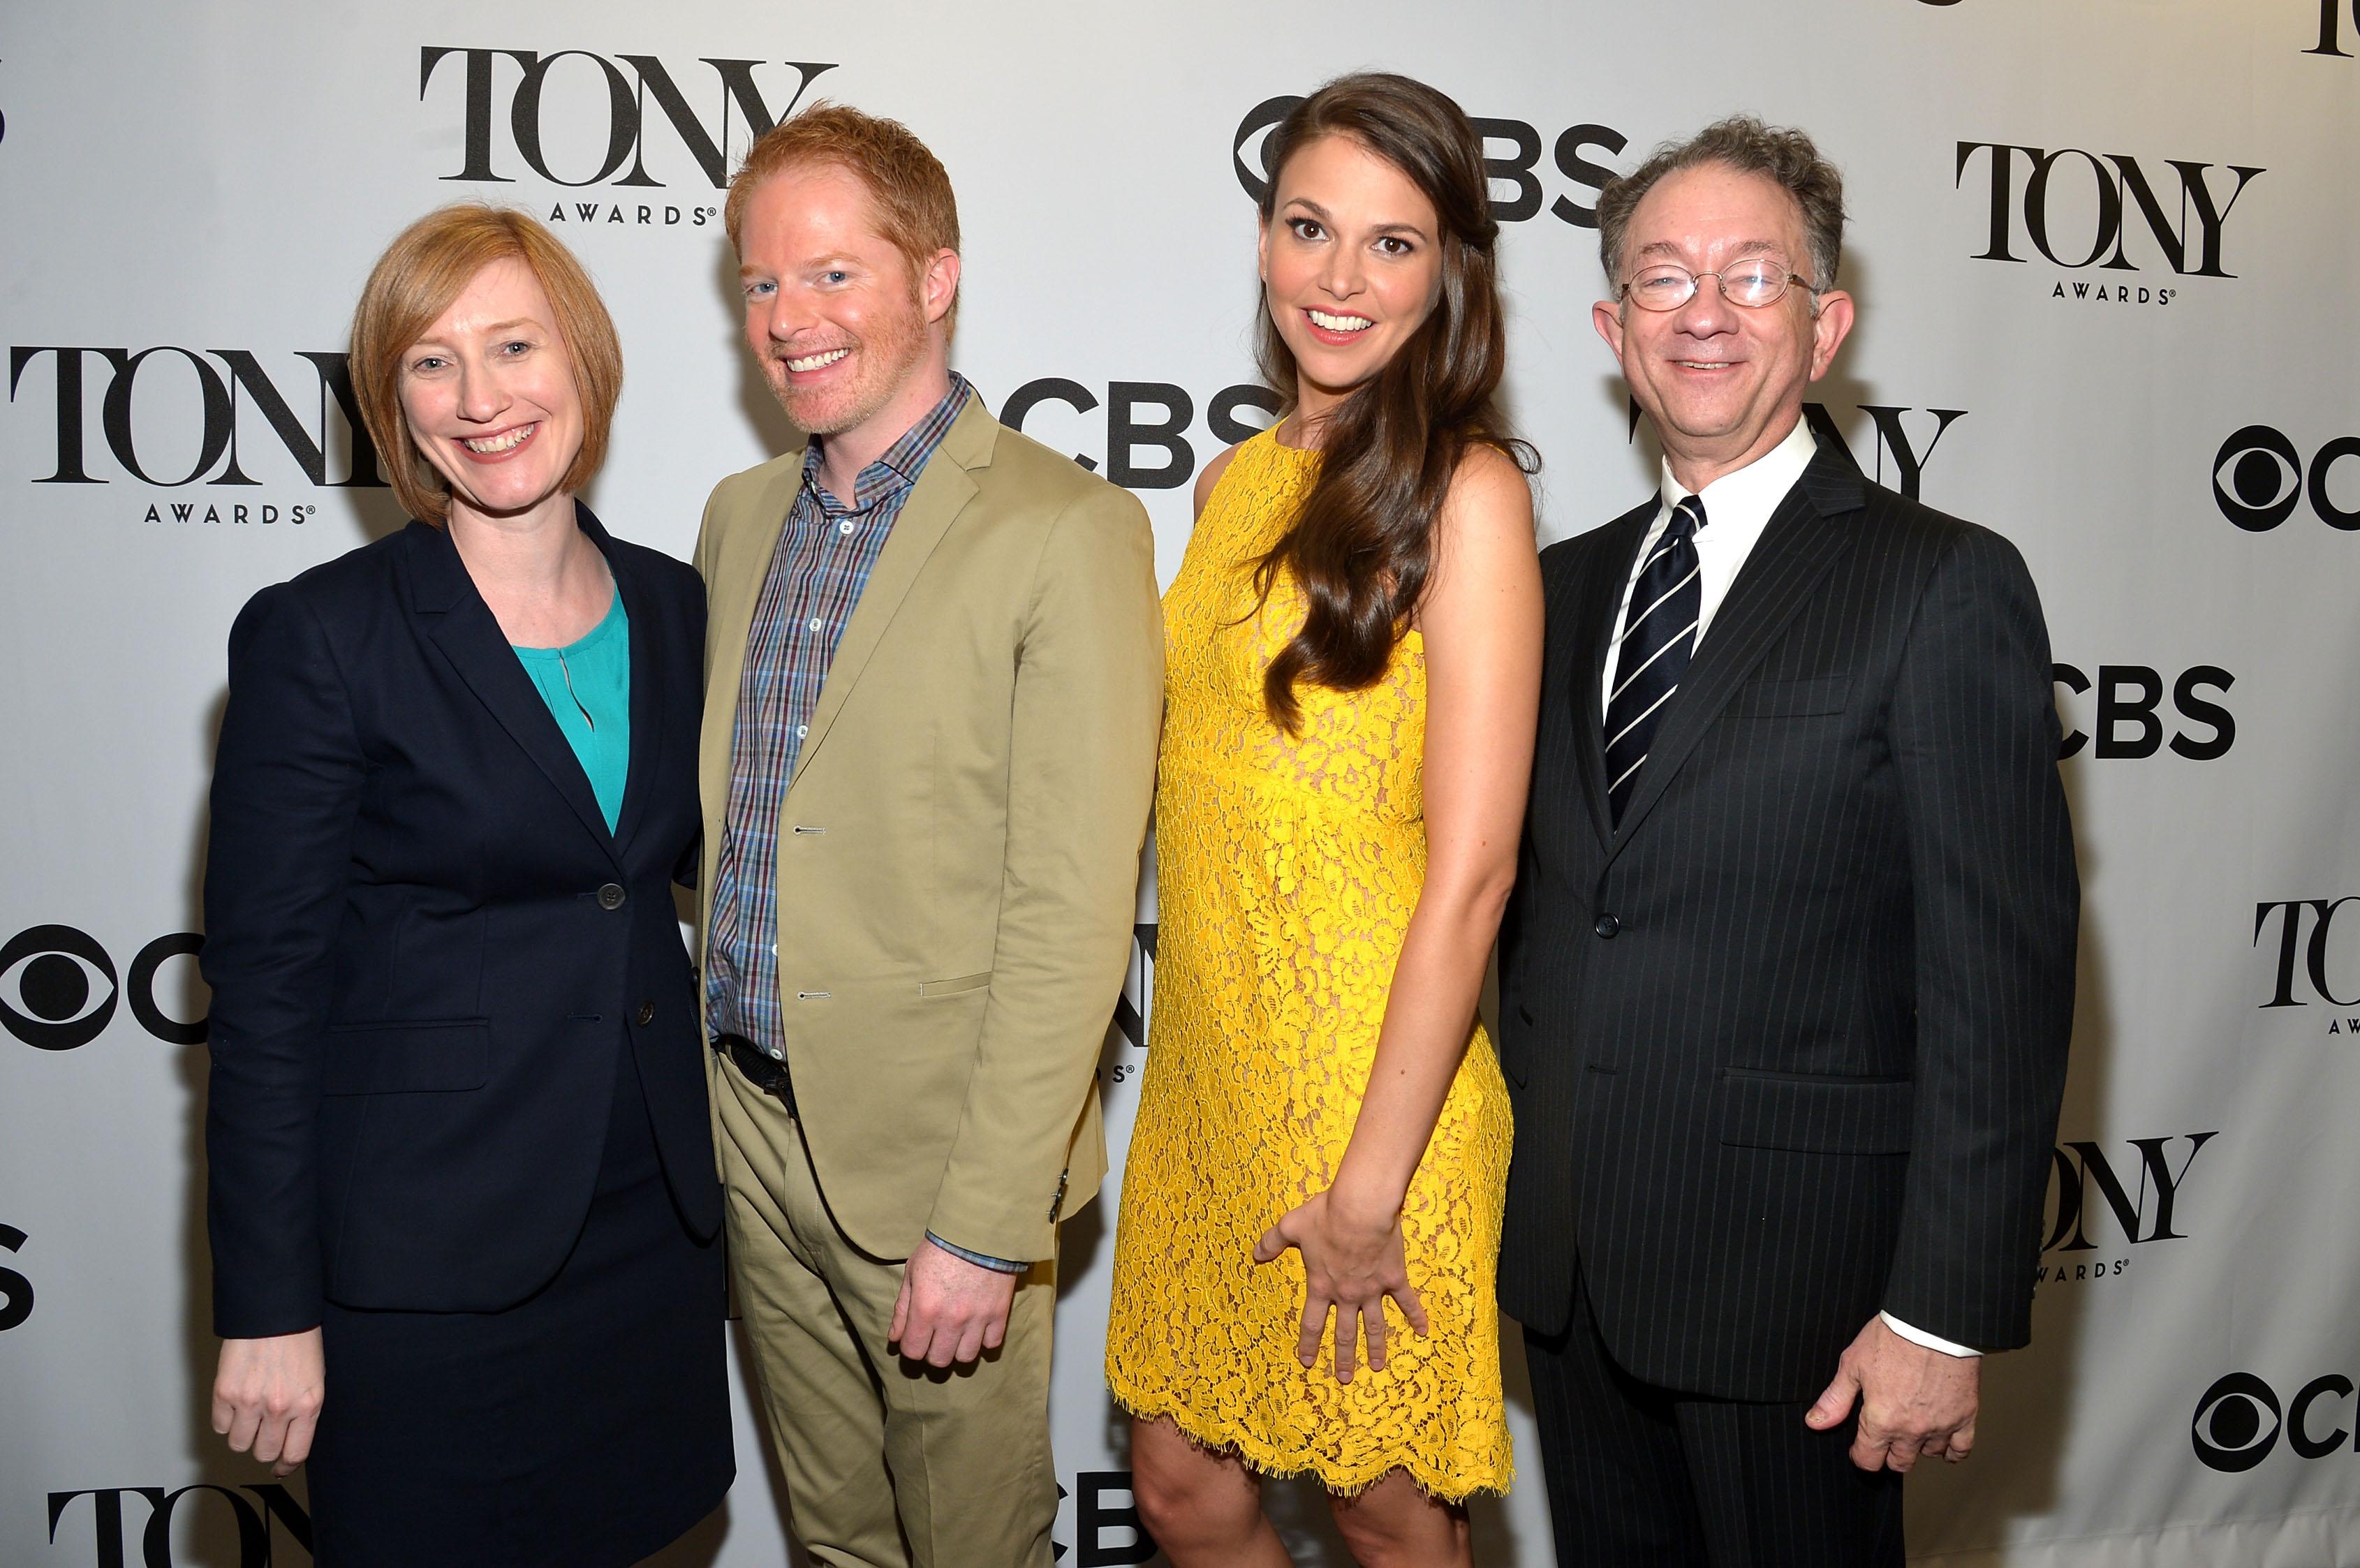 The 2013 Tony Awards Nominations Ceremony